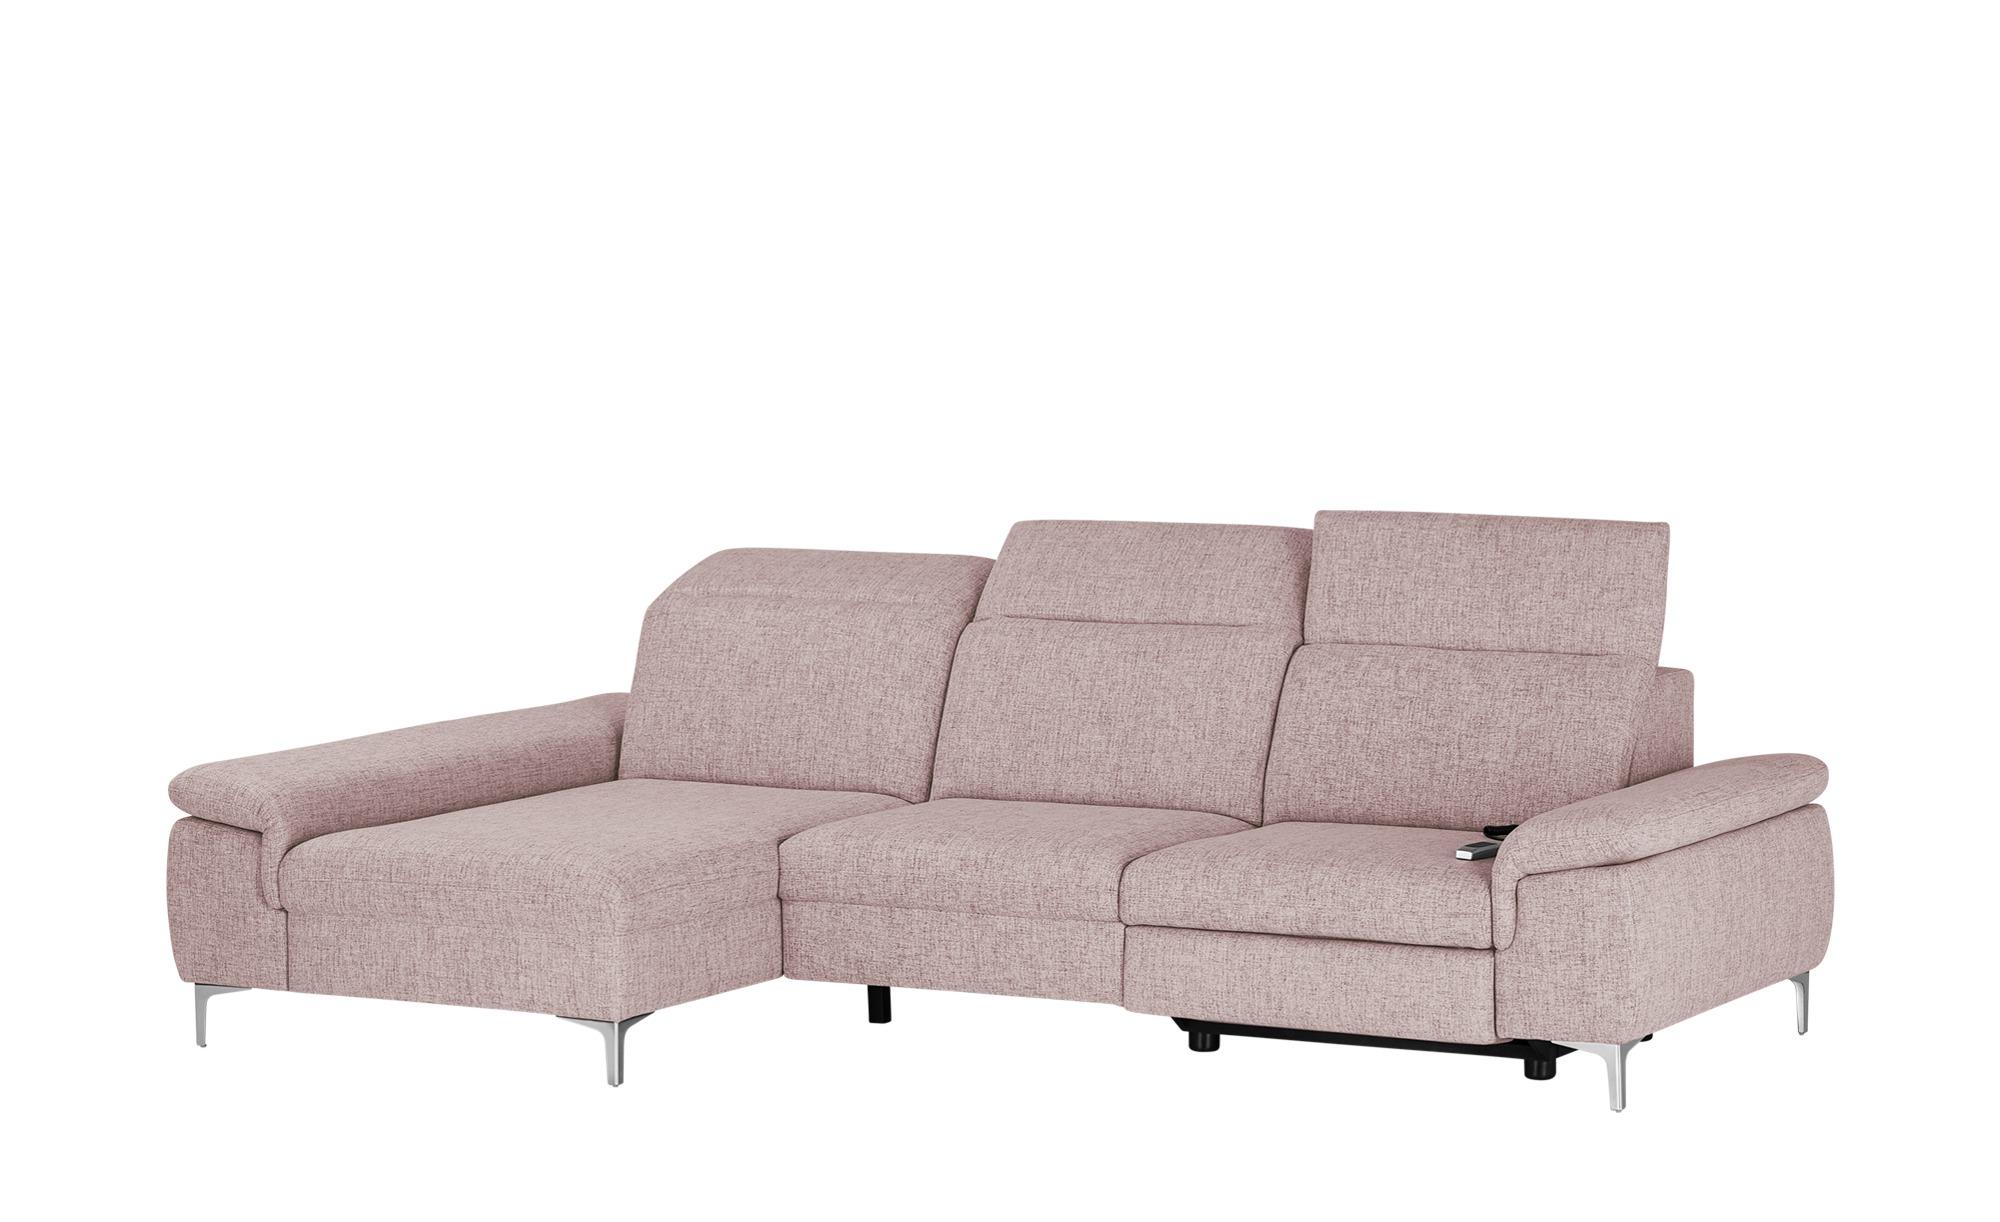 Ecksofa mit Relaxfunktion  Kyoto ¦ rosa/pink ¦ Maße (cm): H: 87 Polstermöbel > Sofas > Ecksofas - Höffner